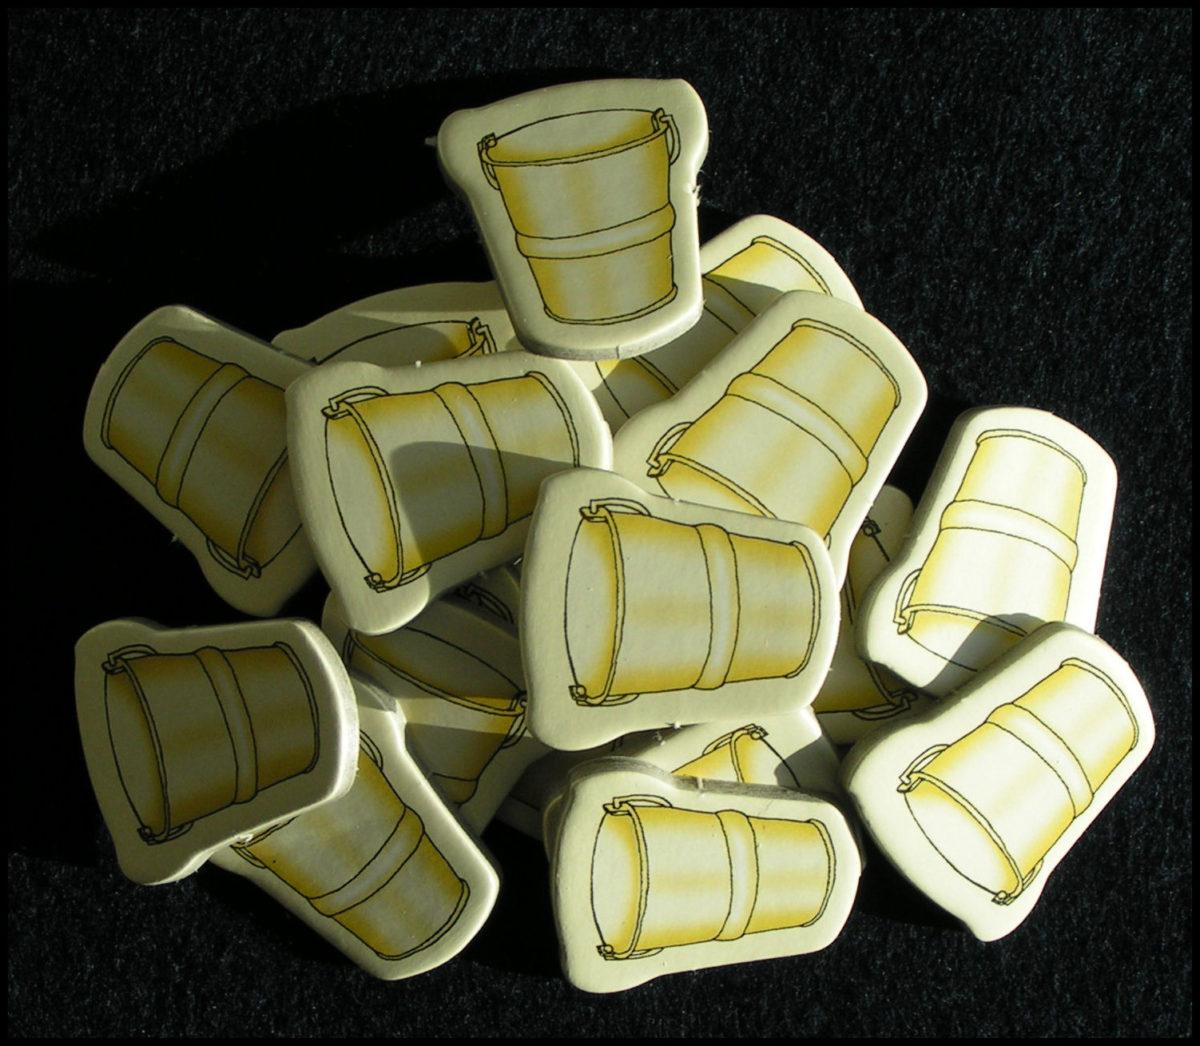 Alles Im Eimer - Yellow Buckets